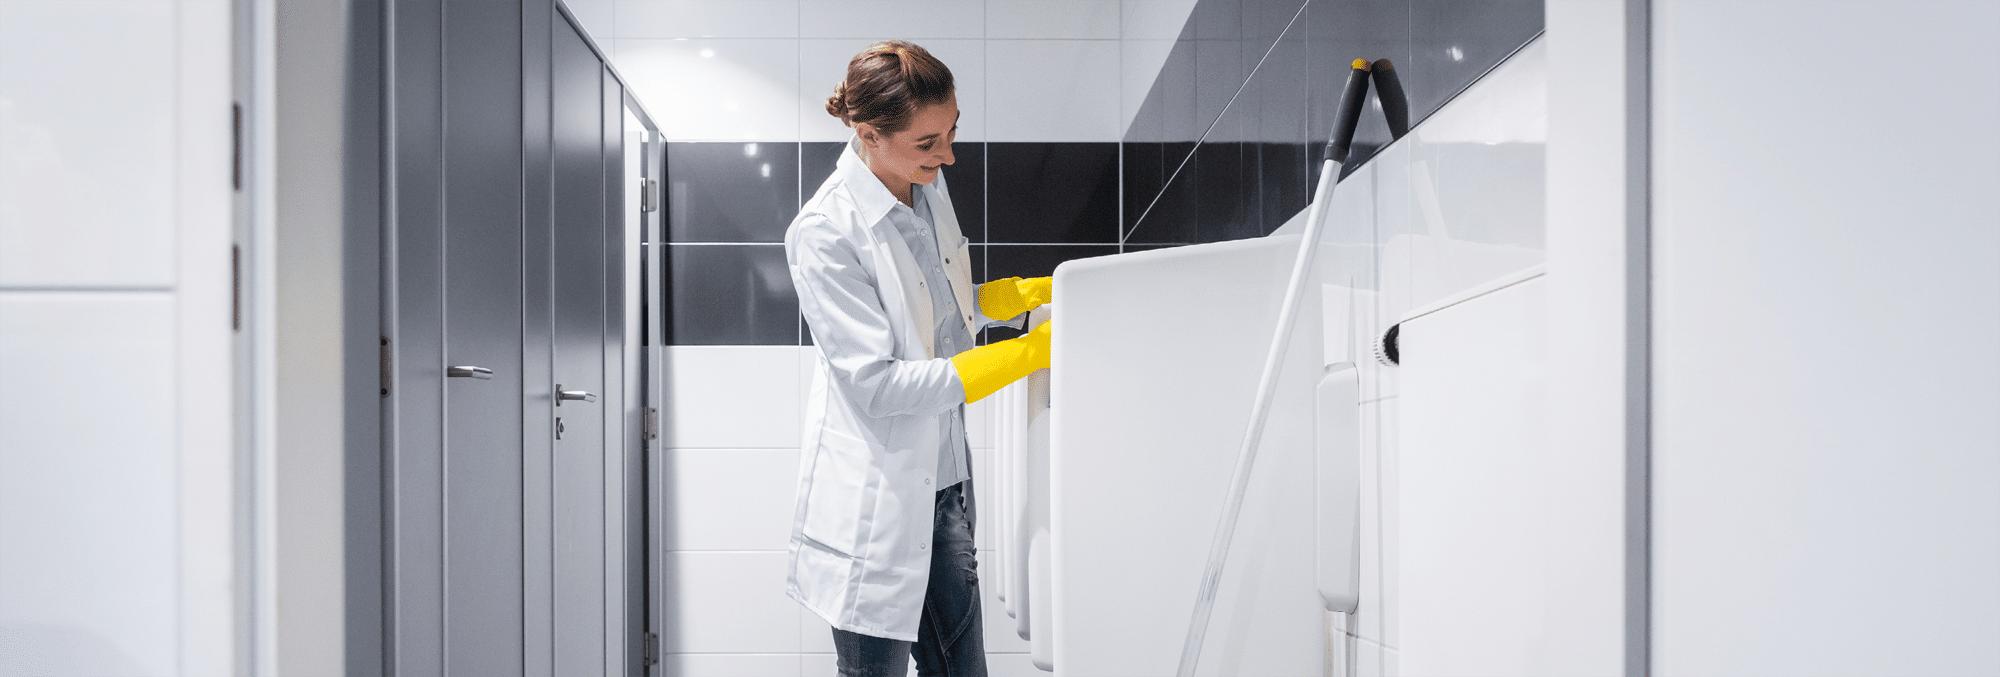 Detergent descaler deodorant disinfectant